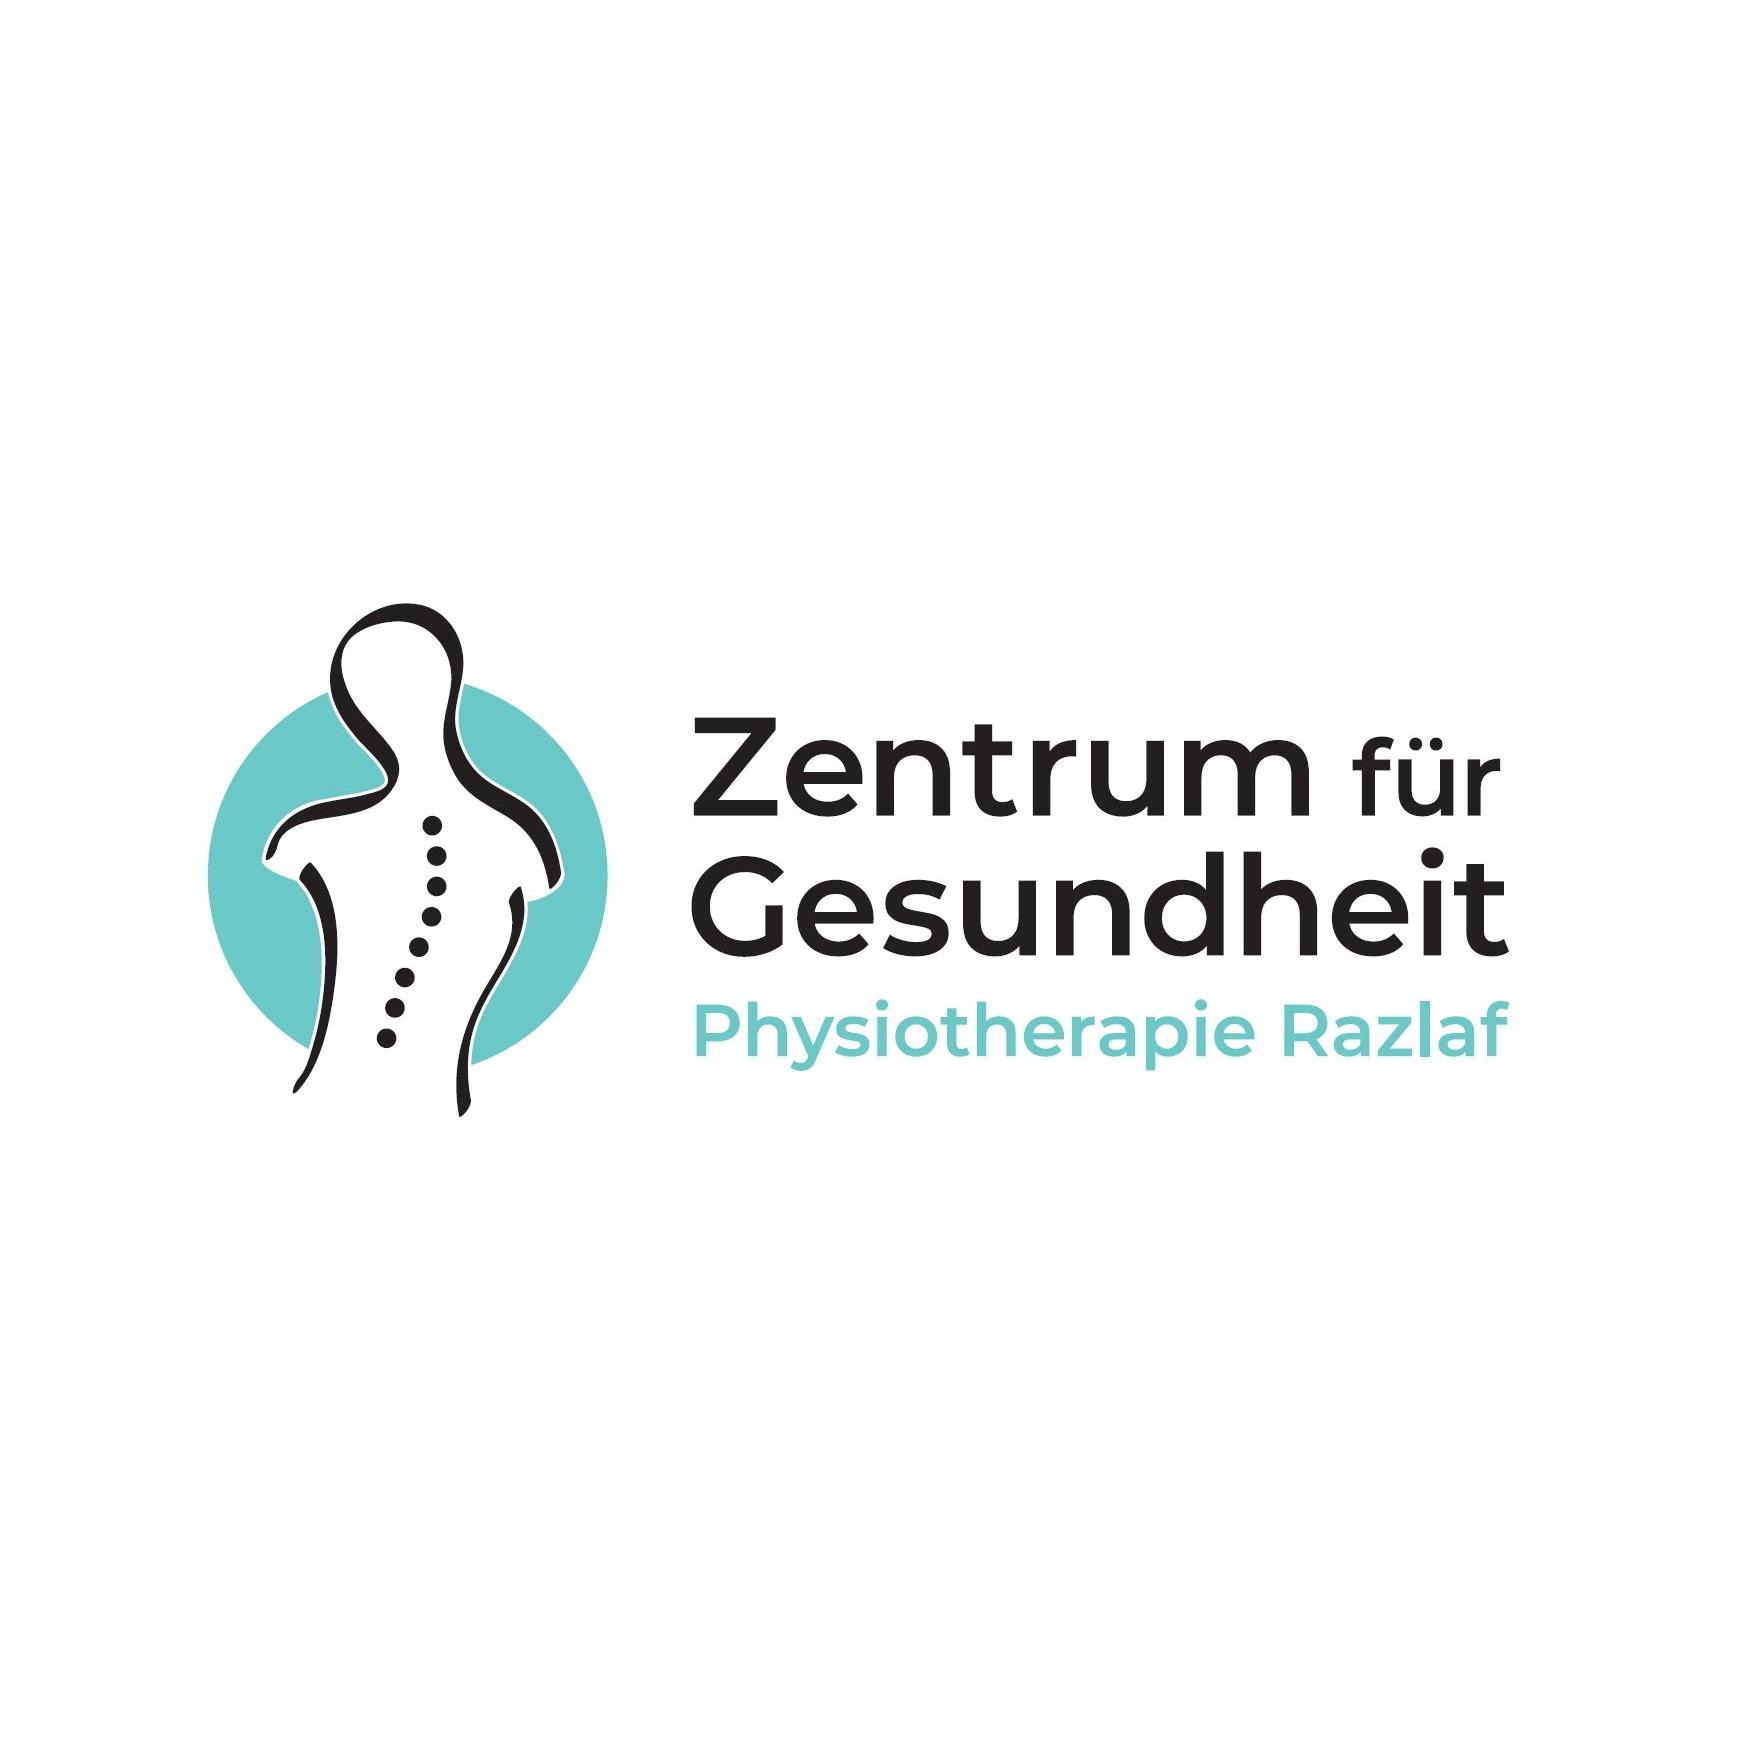 Bild zu Zentrum für Gesundheit - Physiotherapie Razlaf in Hennef an der Sieg